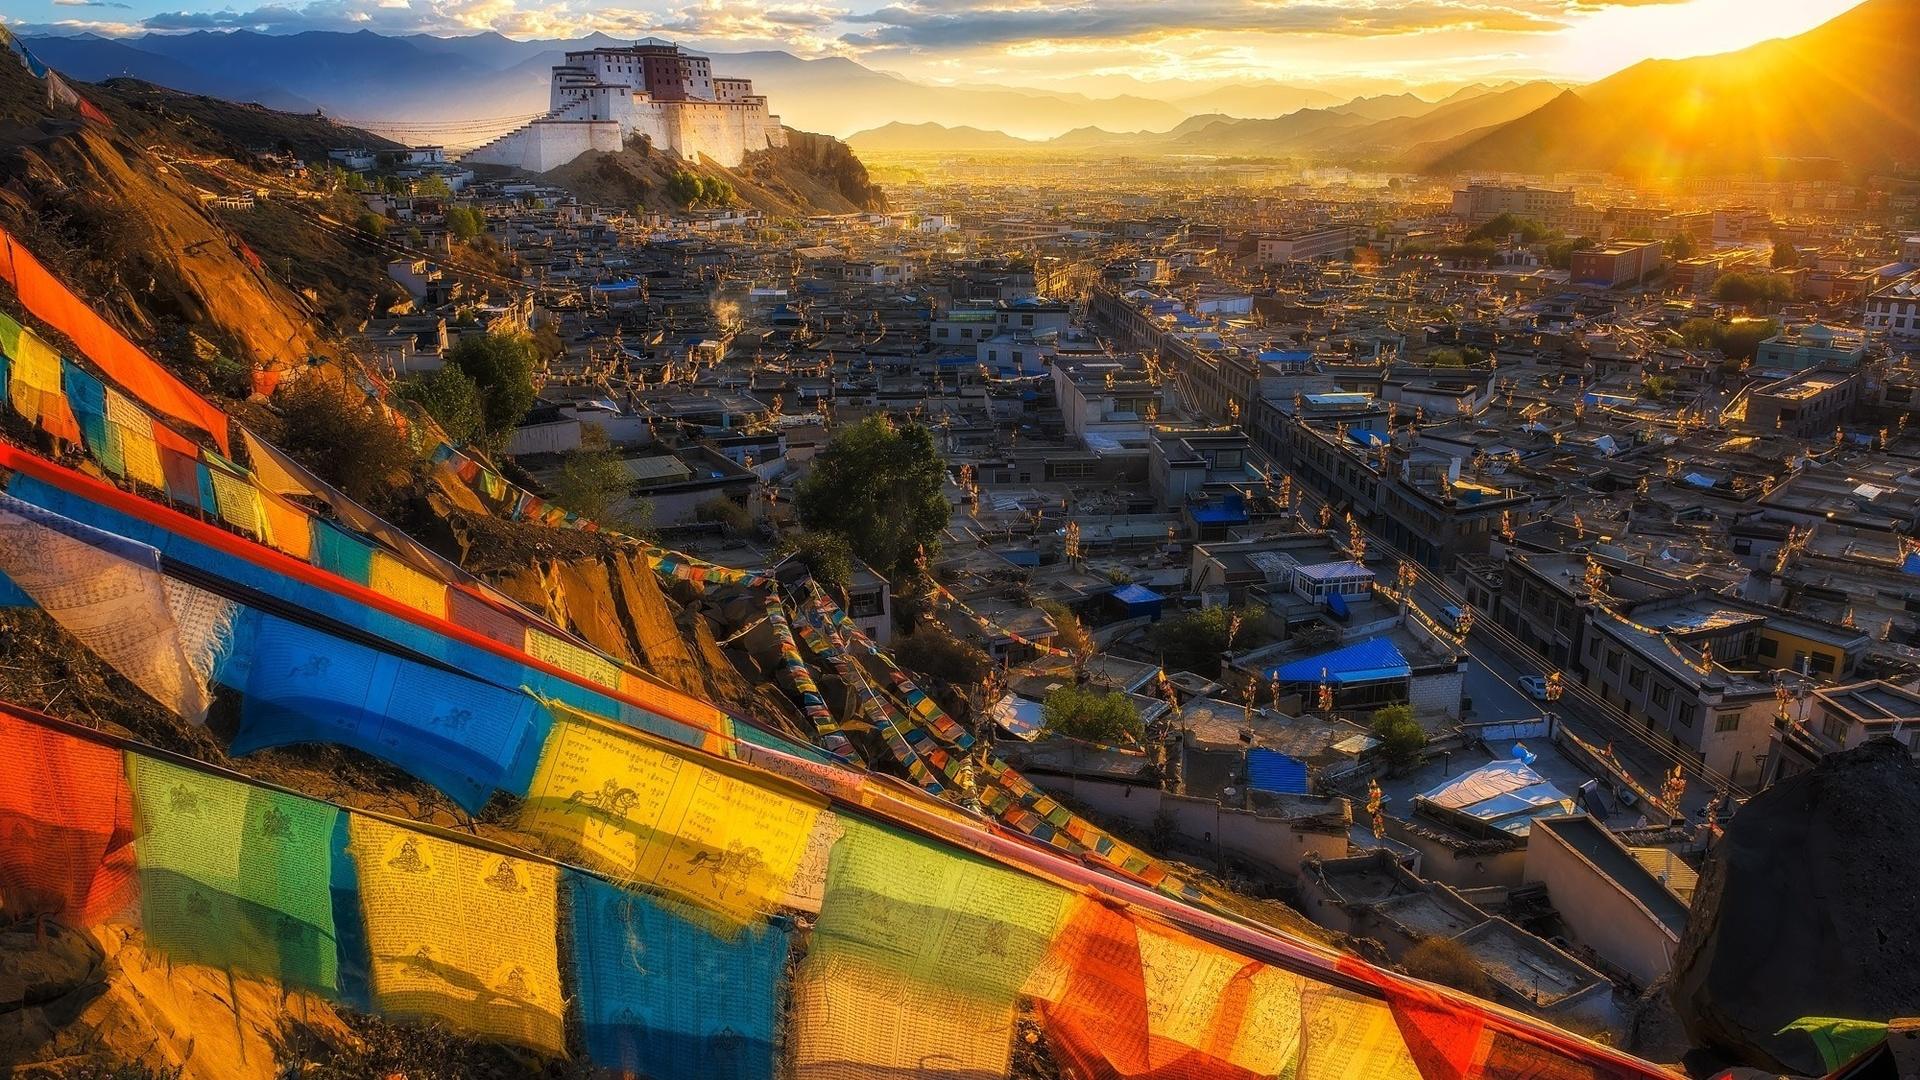 тибет, монастырь, храм, лхаса